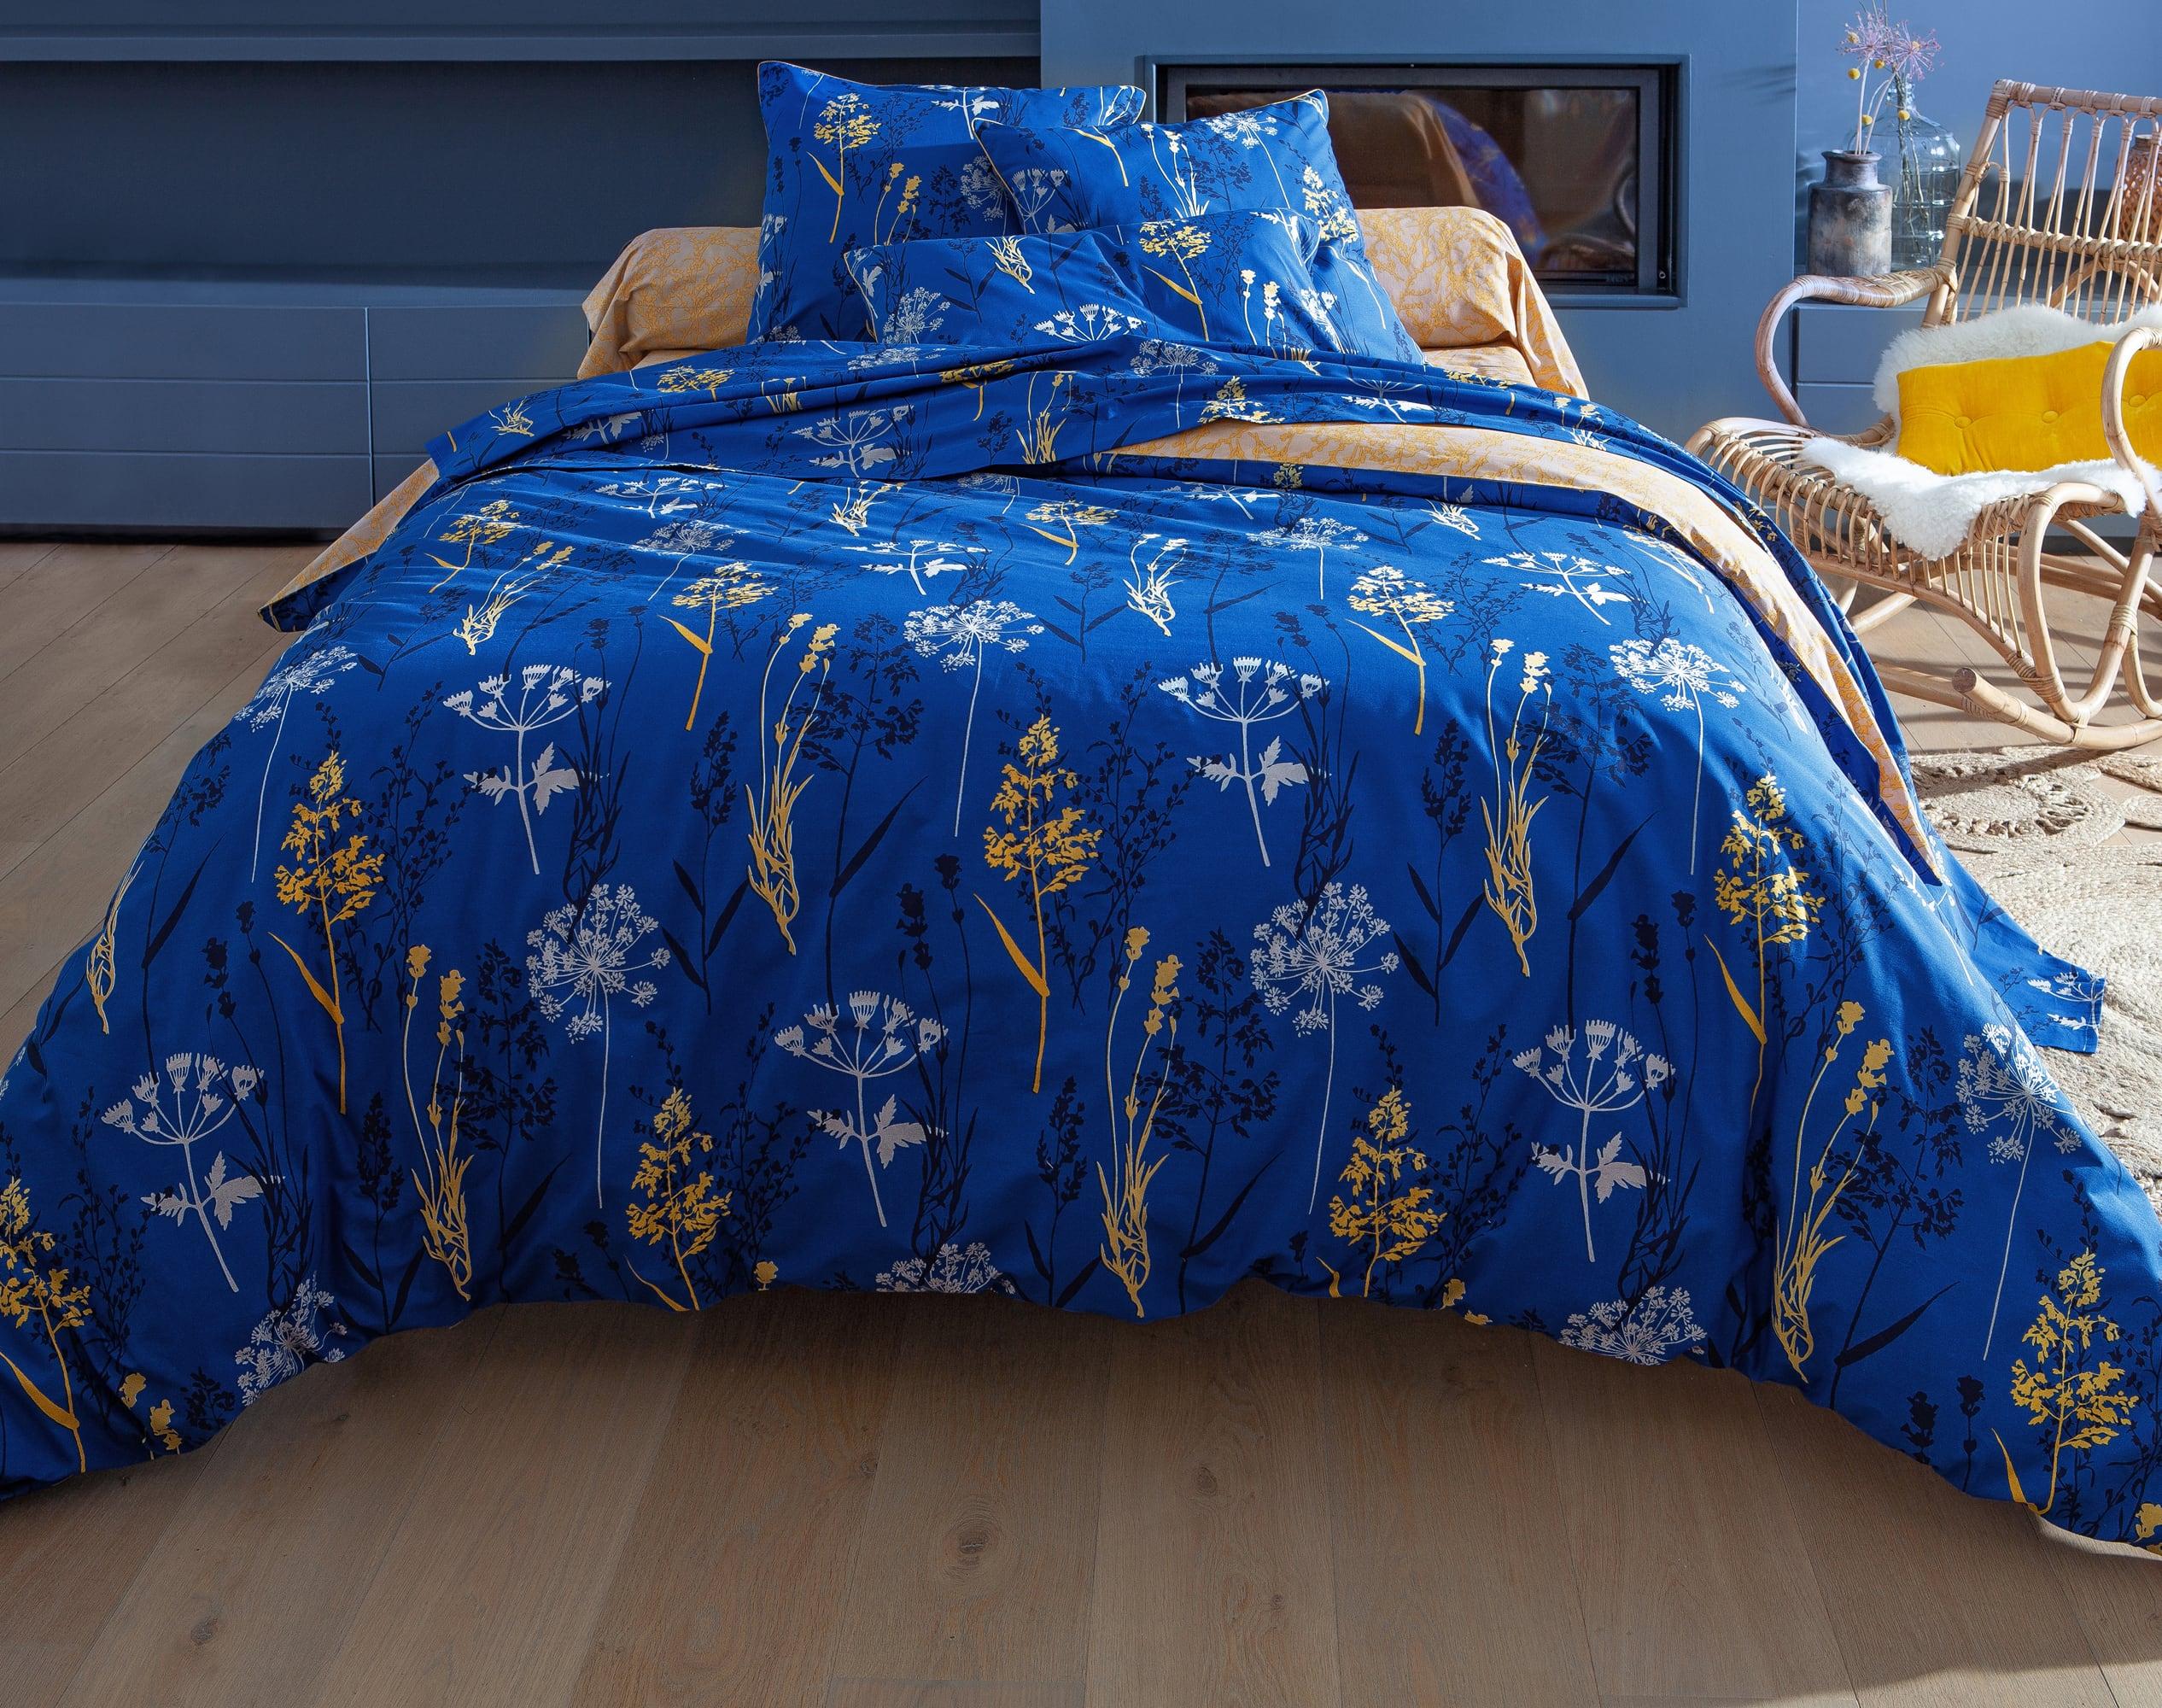 Housse de couette 200x200 en coton bleu